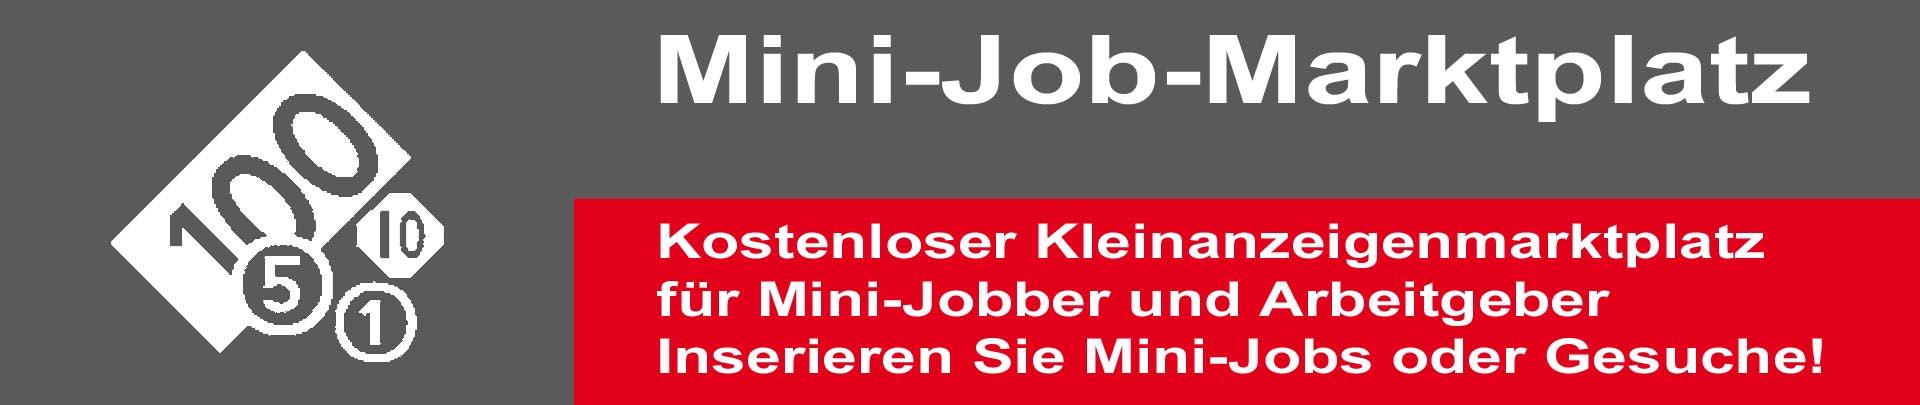 Haben Sie einen Mini-Job zu vergeben? Schnell KOSTENLOS Mini-Job Inserat aufgeben. Sie suchen einen 450€ Job? Durchsuchen Sie unsere Kleinanzeigen oder schreiben Sie eine Suchannonce!